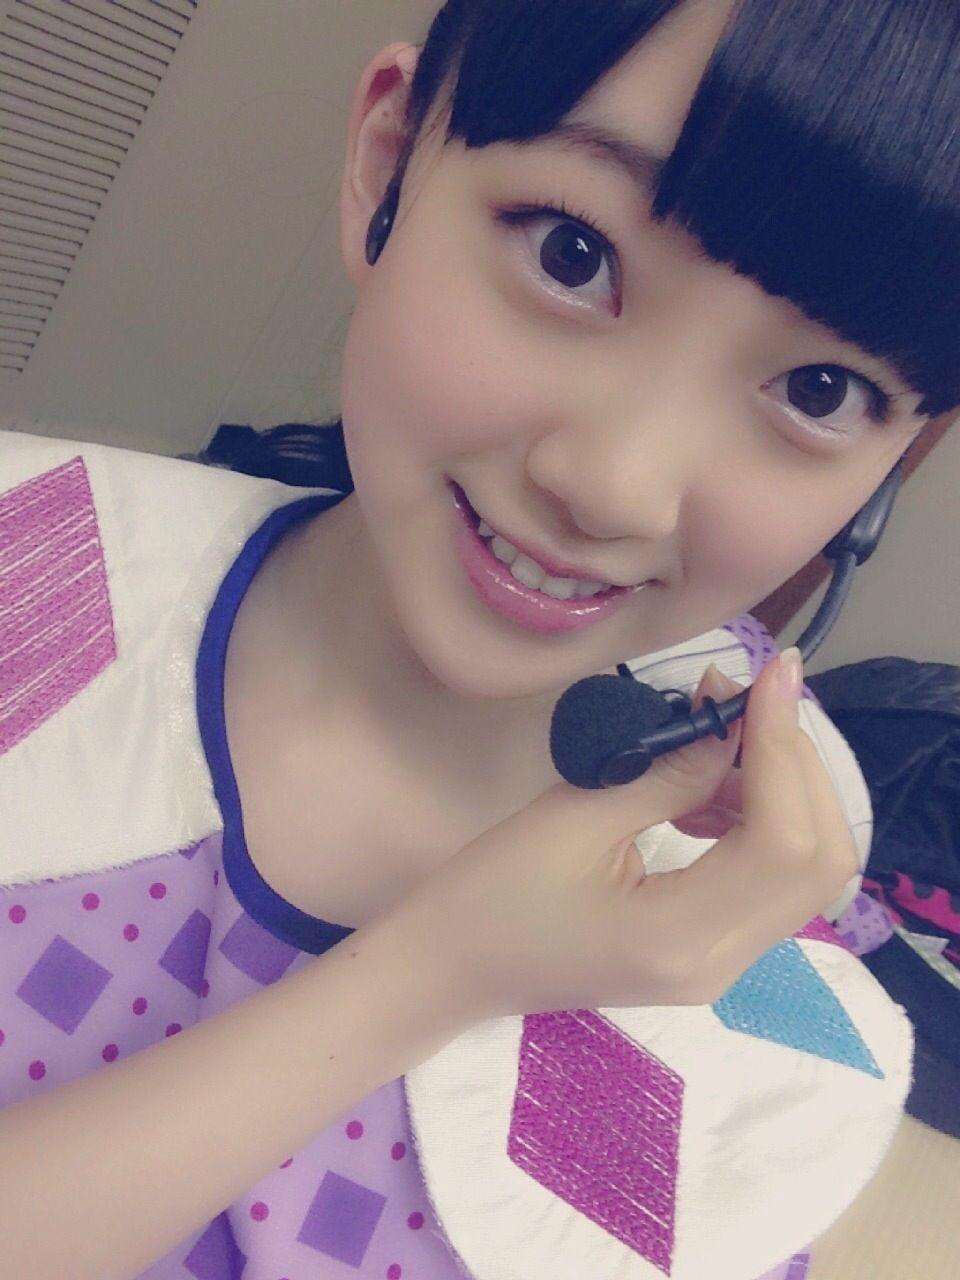 【画像あり】この日本一の美少女がぐうかわすぎるおww